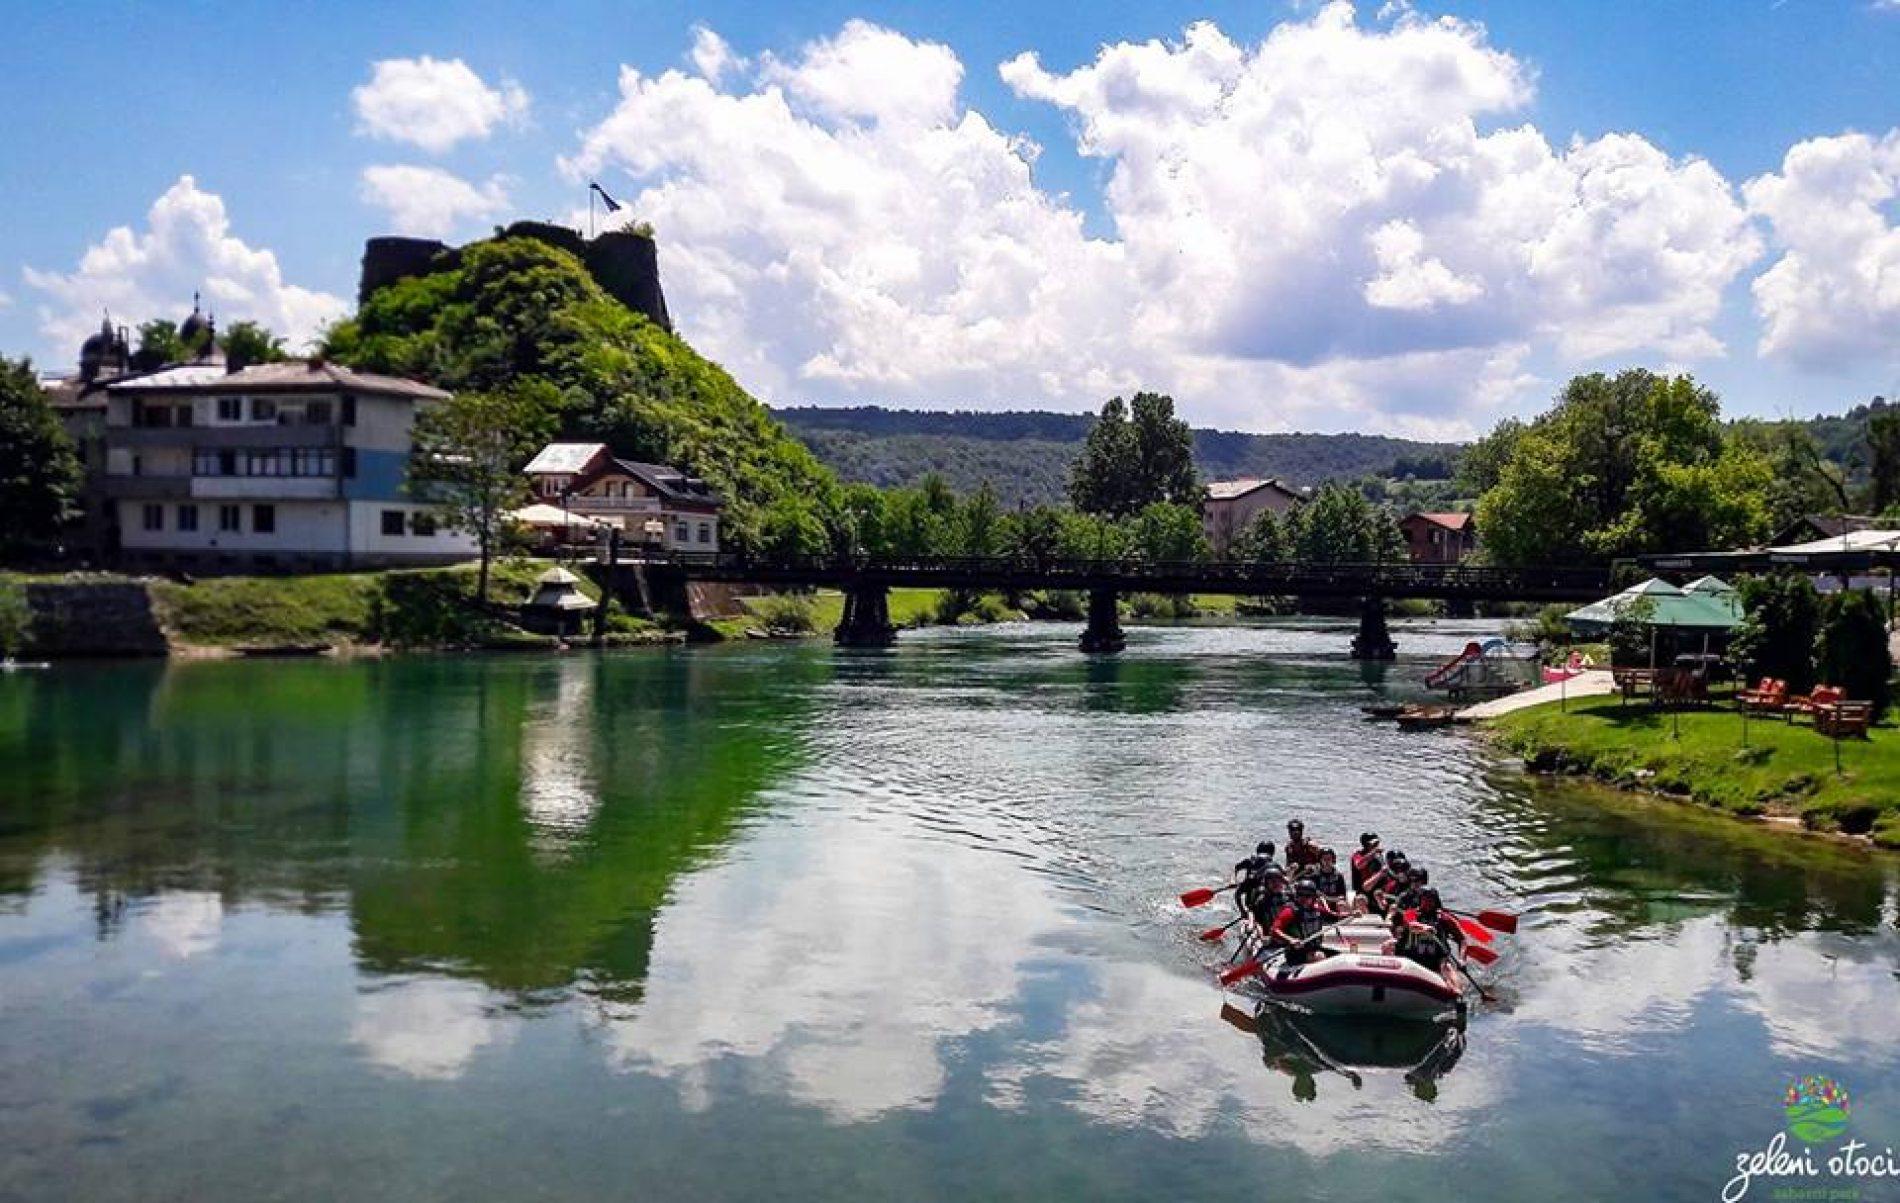 'Zeleni otoci', prirodni raj u centru Bosanske Krupe